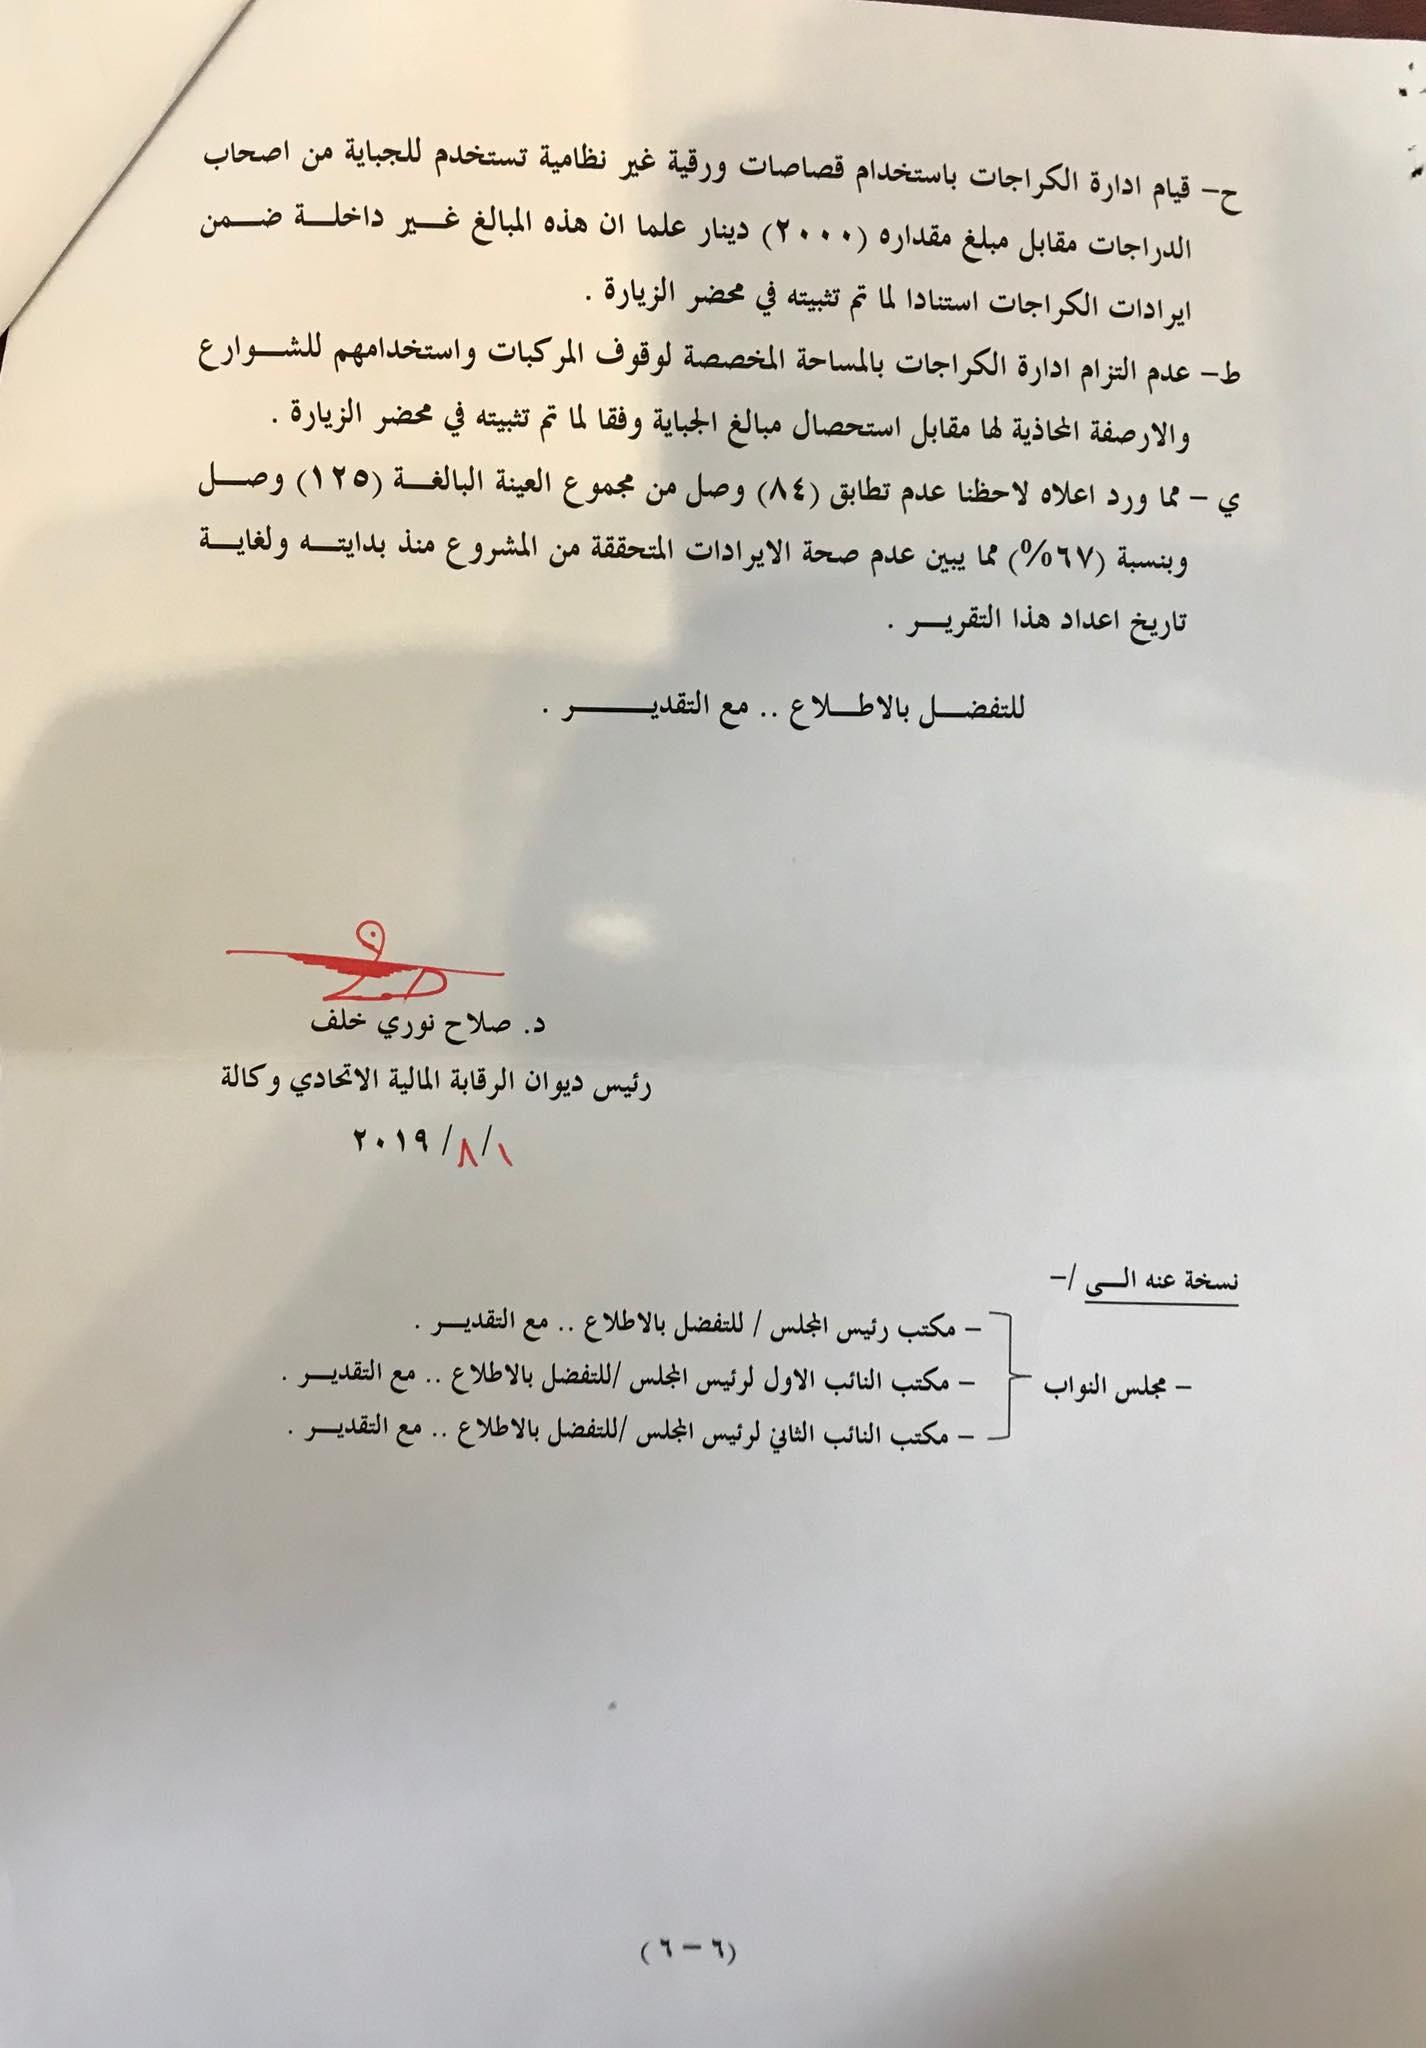 """فتح ملف """"فساد"""" الكراجات في مدينة الطب واتهام وزير الصحة بالتستر"""